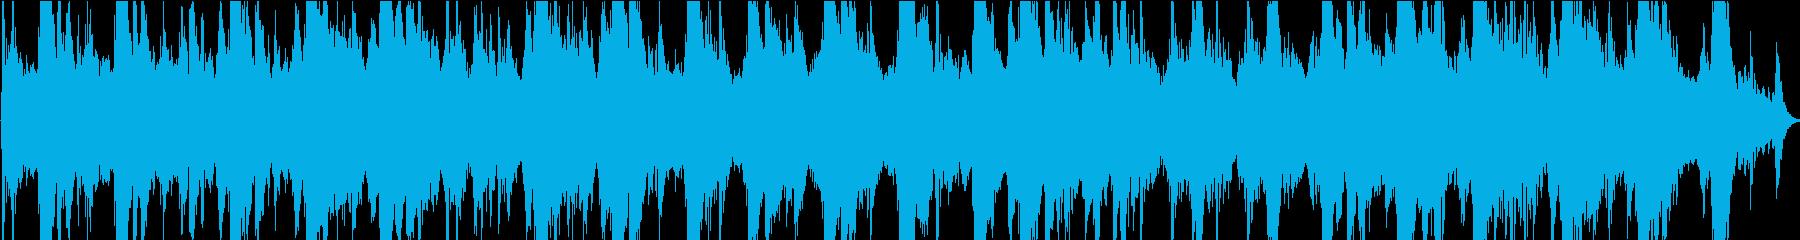 宇宙区間でなっているノイズの再生済みの波形